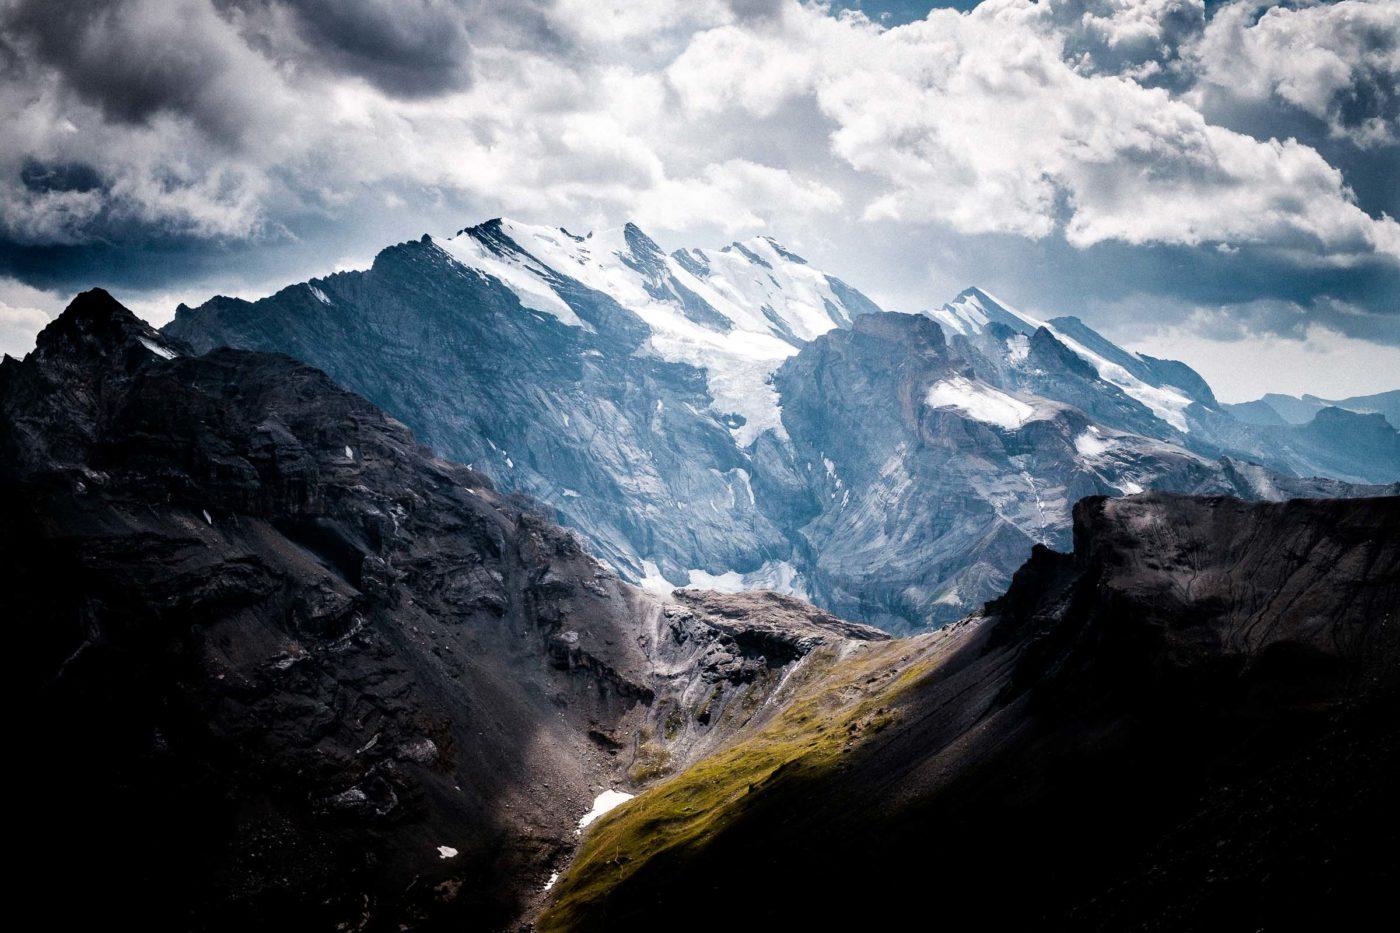 Bluemlisalp, Switzerland